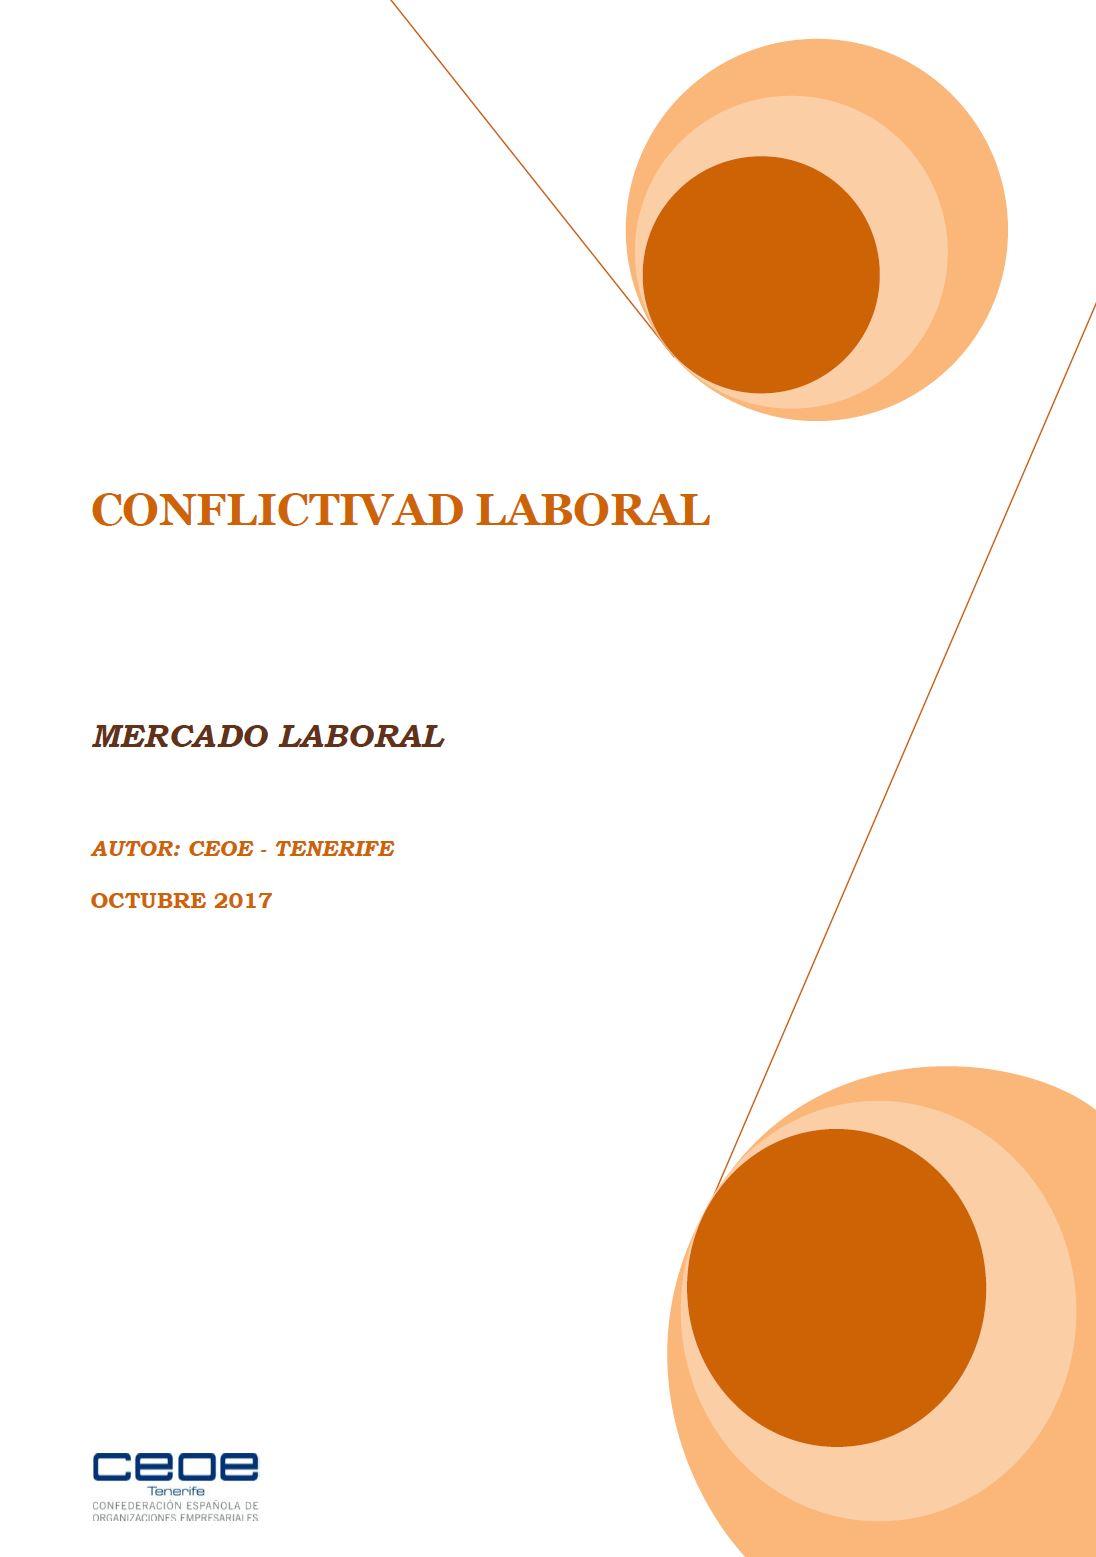 Septiembre Conflictividad Laboral